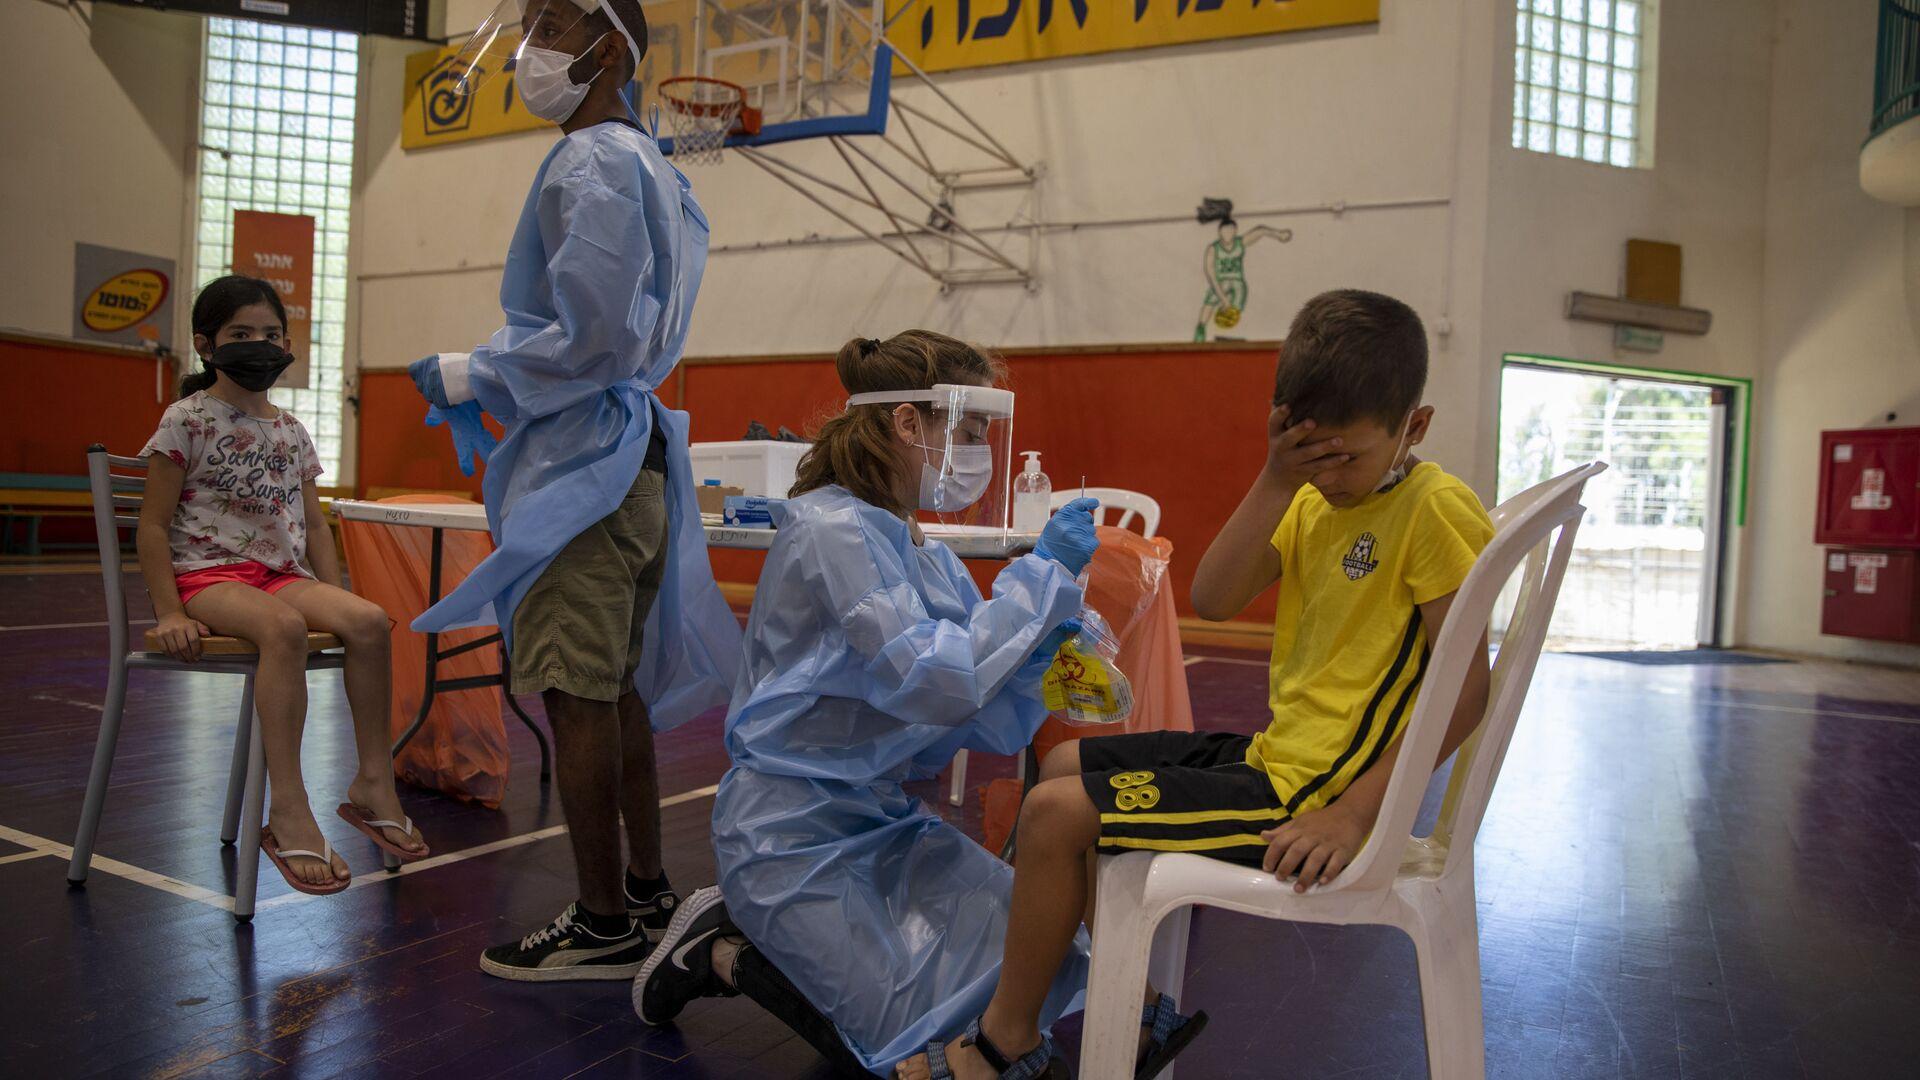 İsrail'de 5-11 yaş arası çocuklara aşı uygulaması başlıyor - Sputnik Türkiye, 1920, 14.09.2021